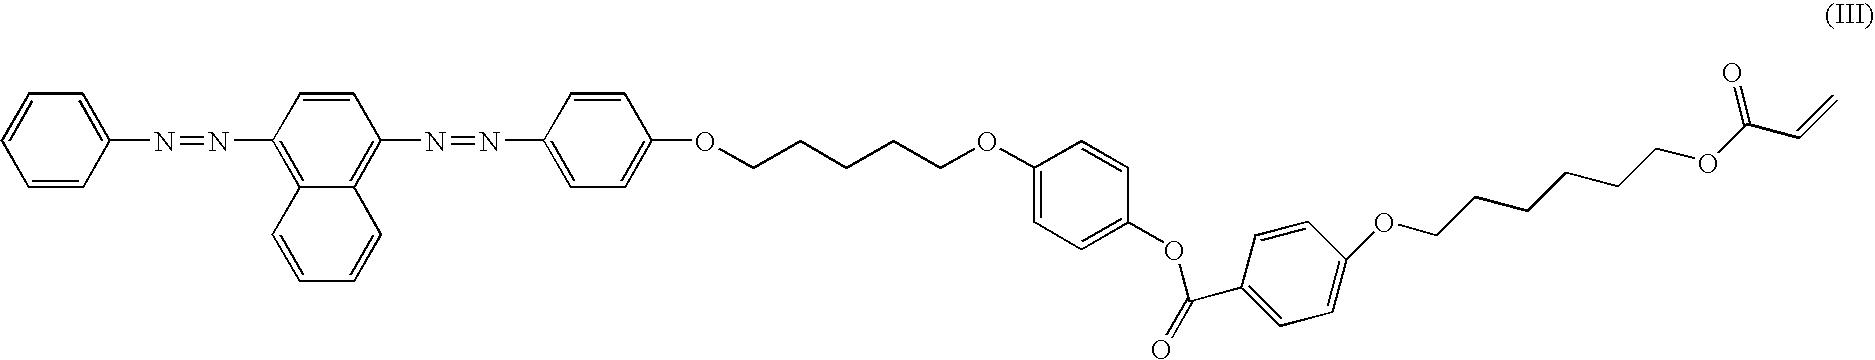 Figure US08197708-20120612-C00020